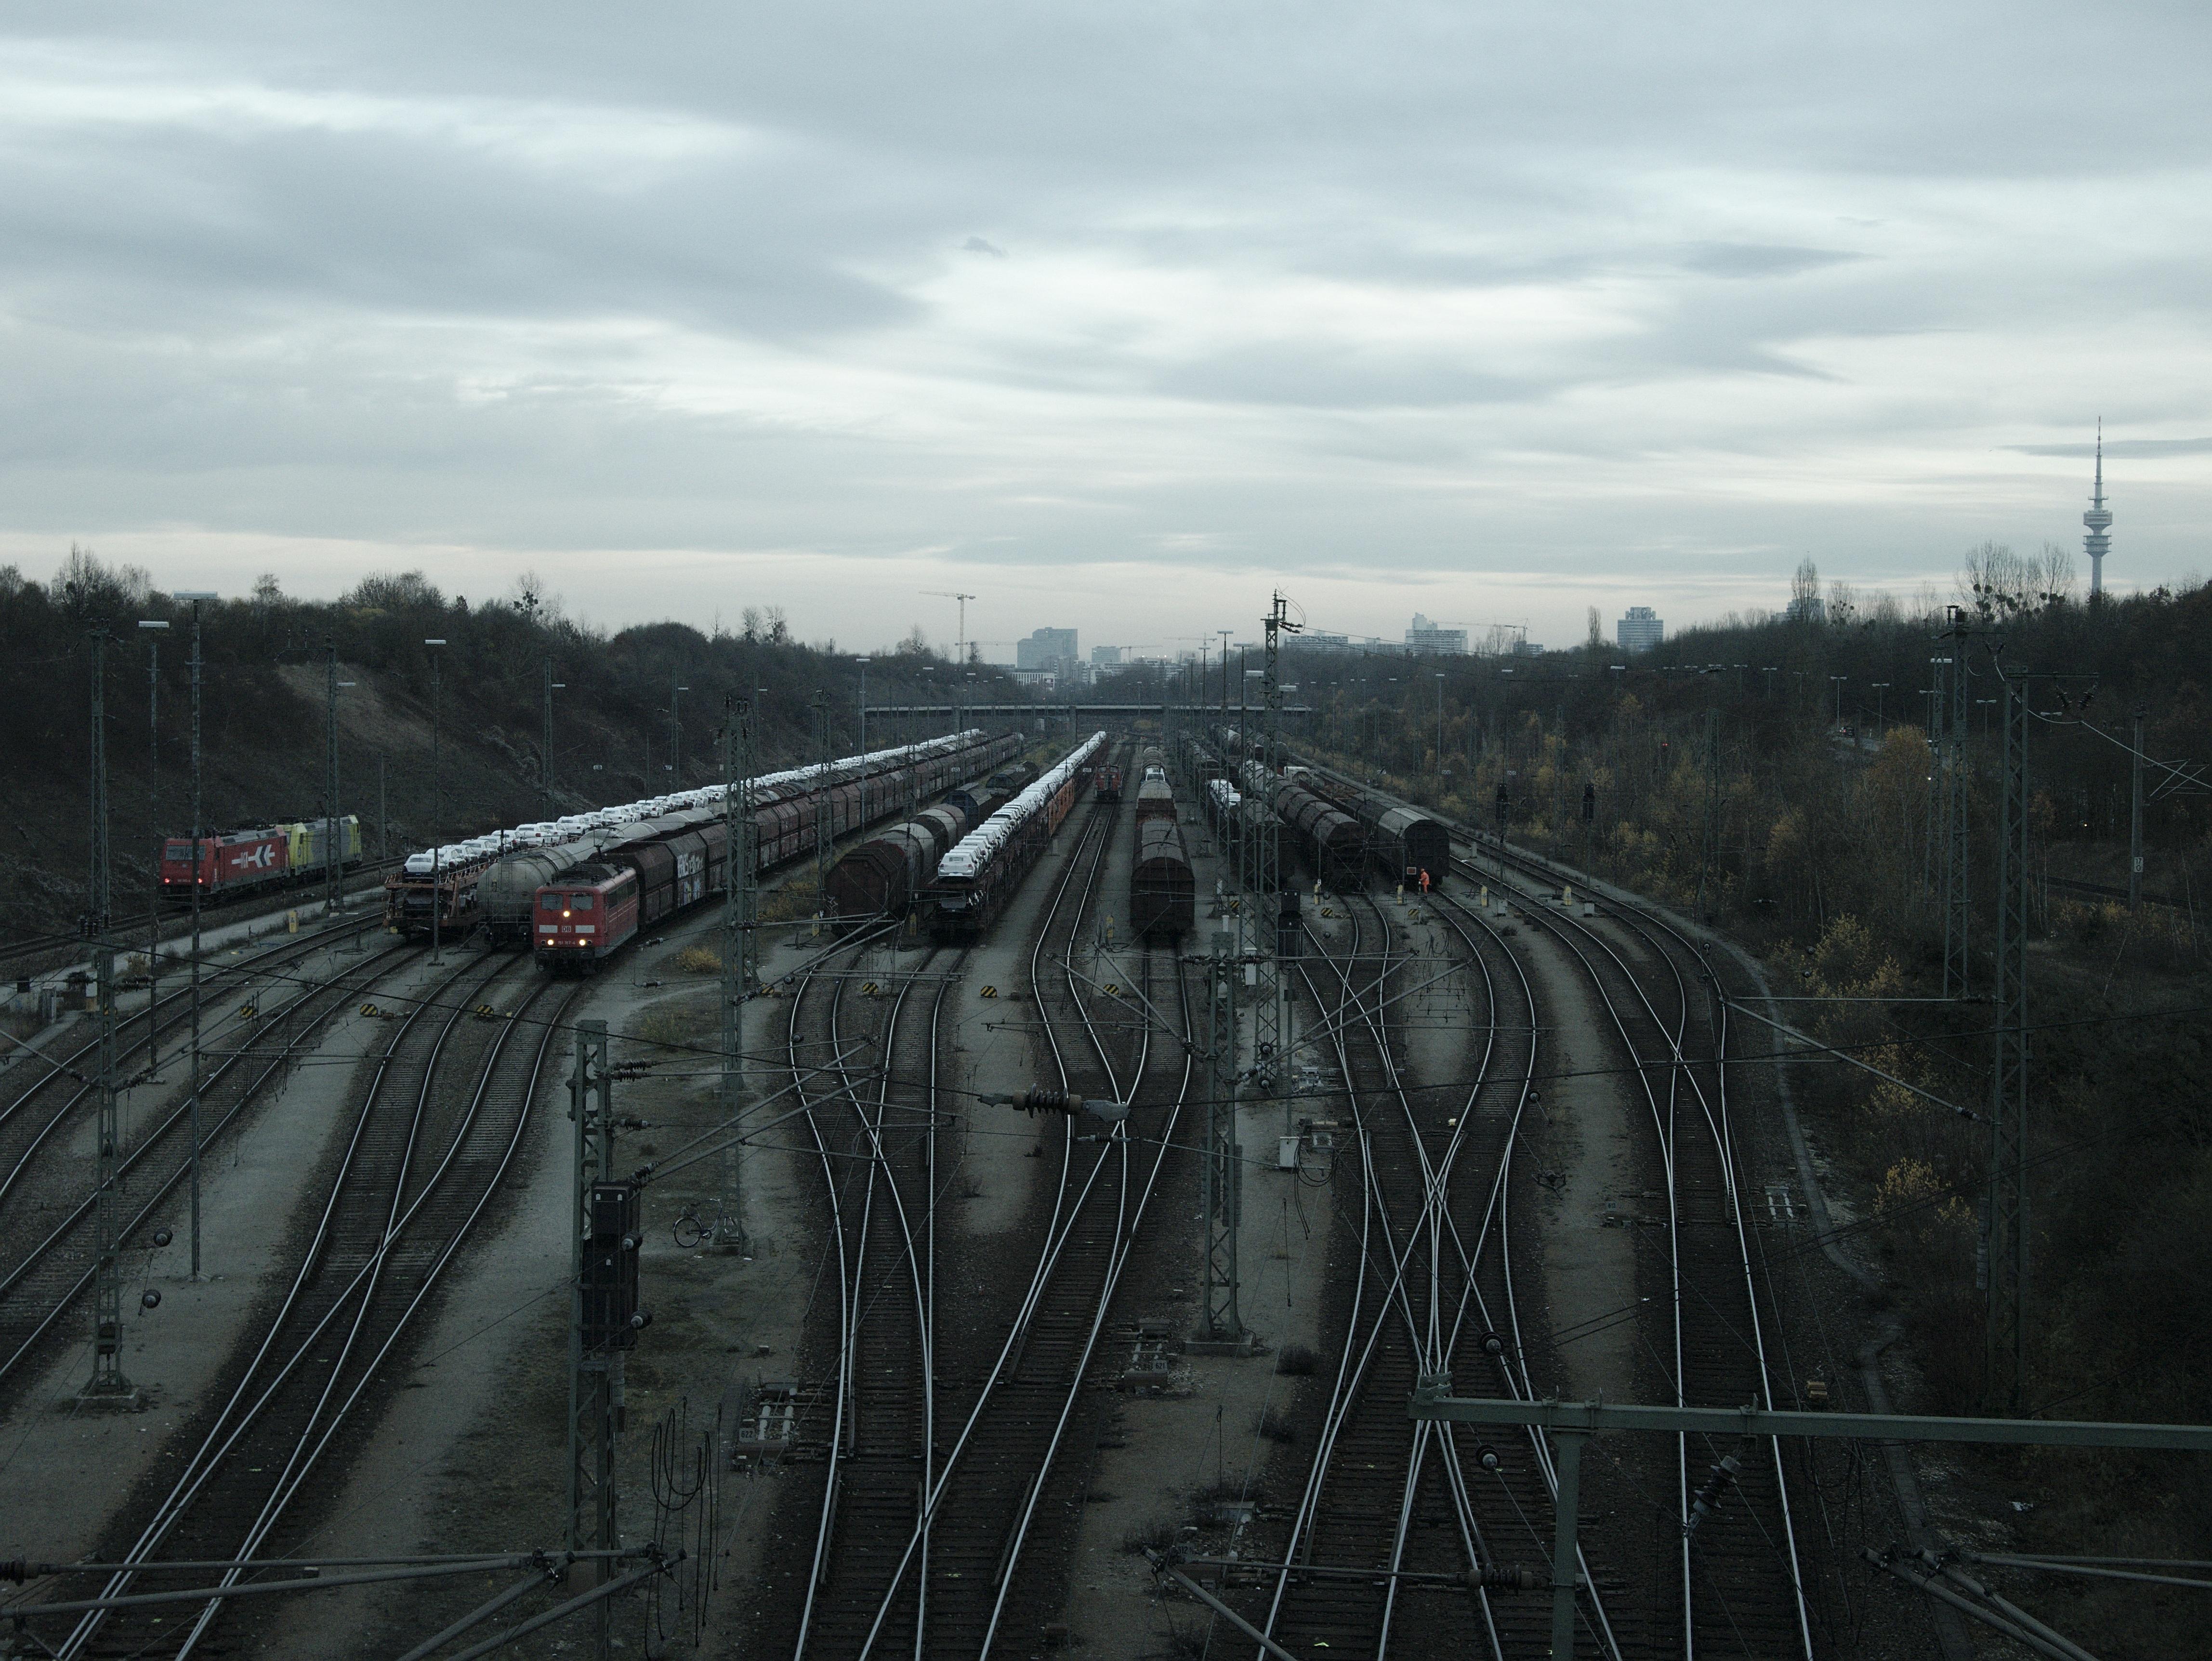 Kostenlose foto : Spur, Eisenbahn, Straße, Autobahn, Schiene, Zug ...